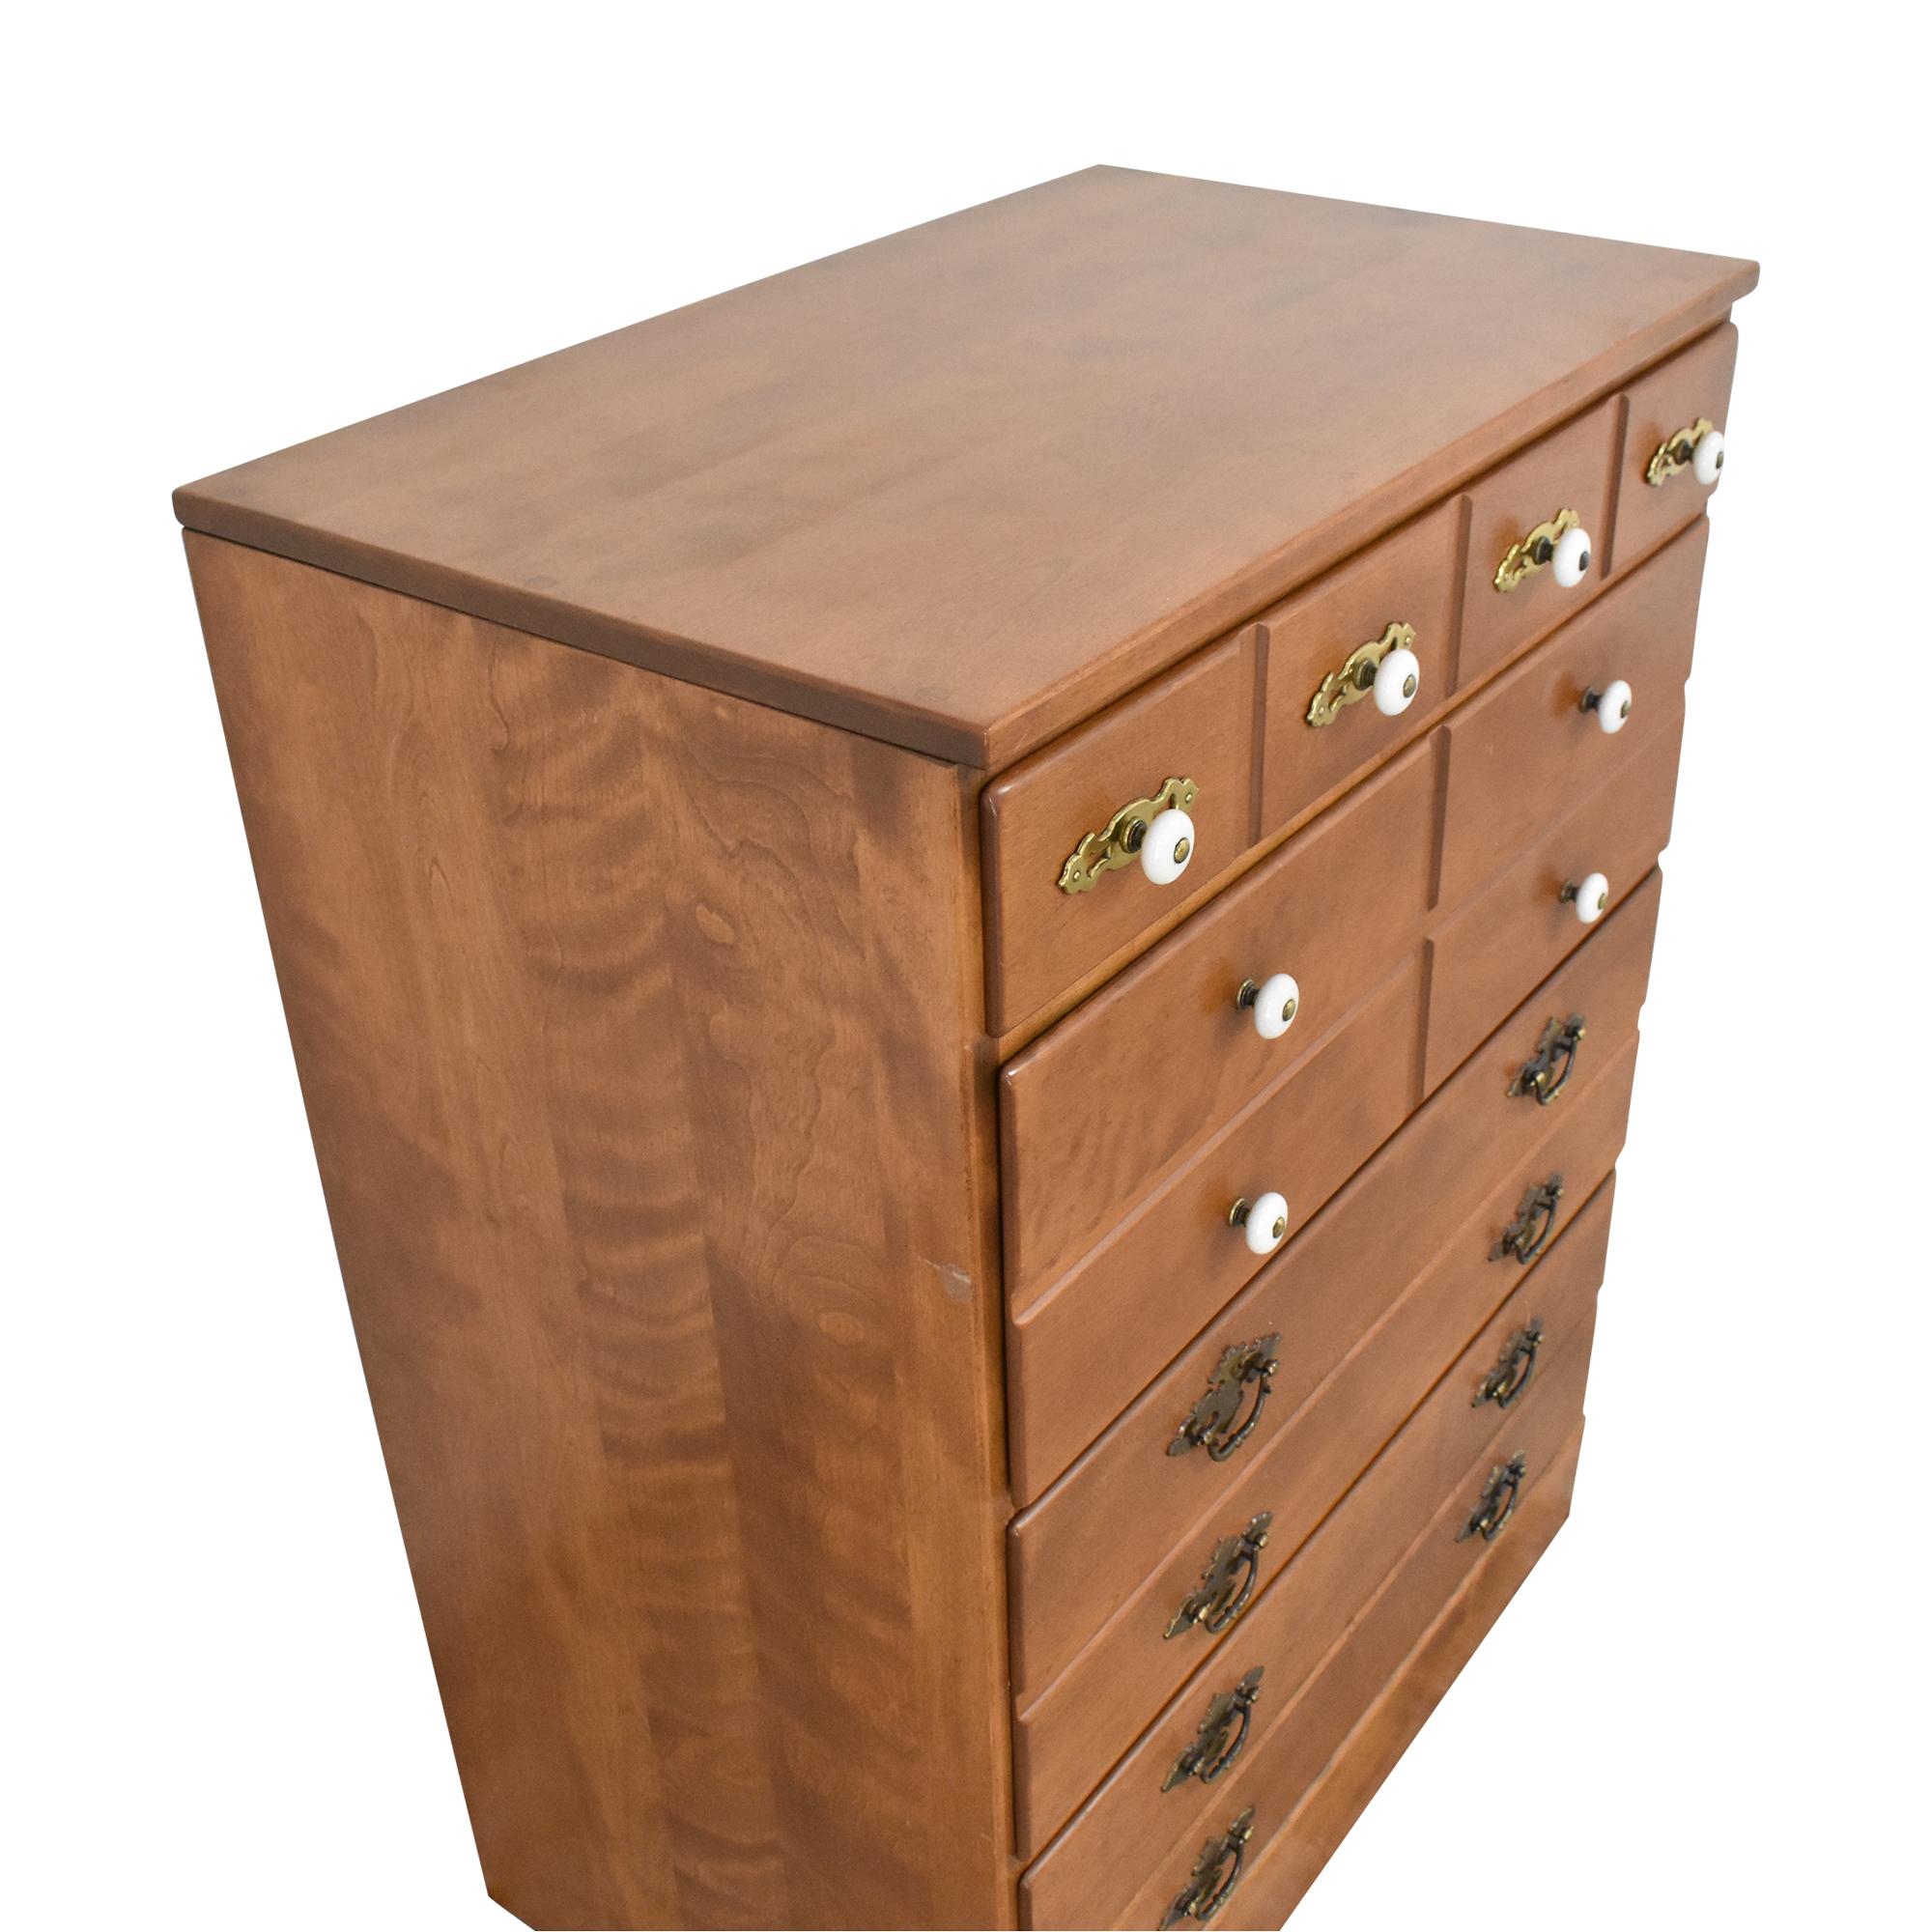 Ethan Allen Baumritter Four Drawer Chest  / Storage